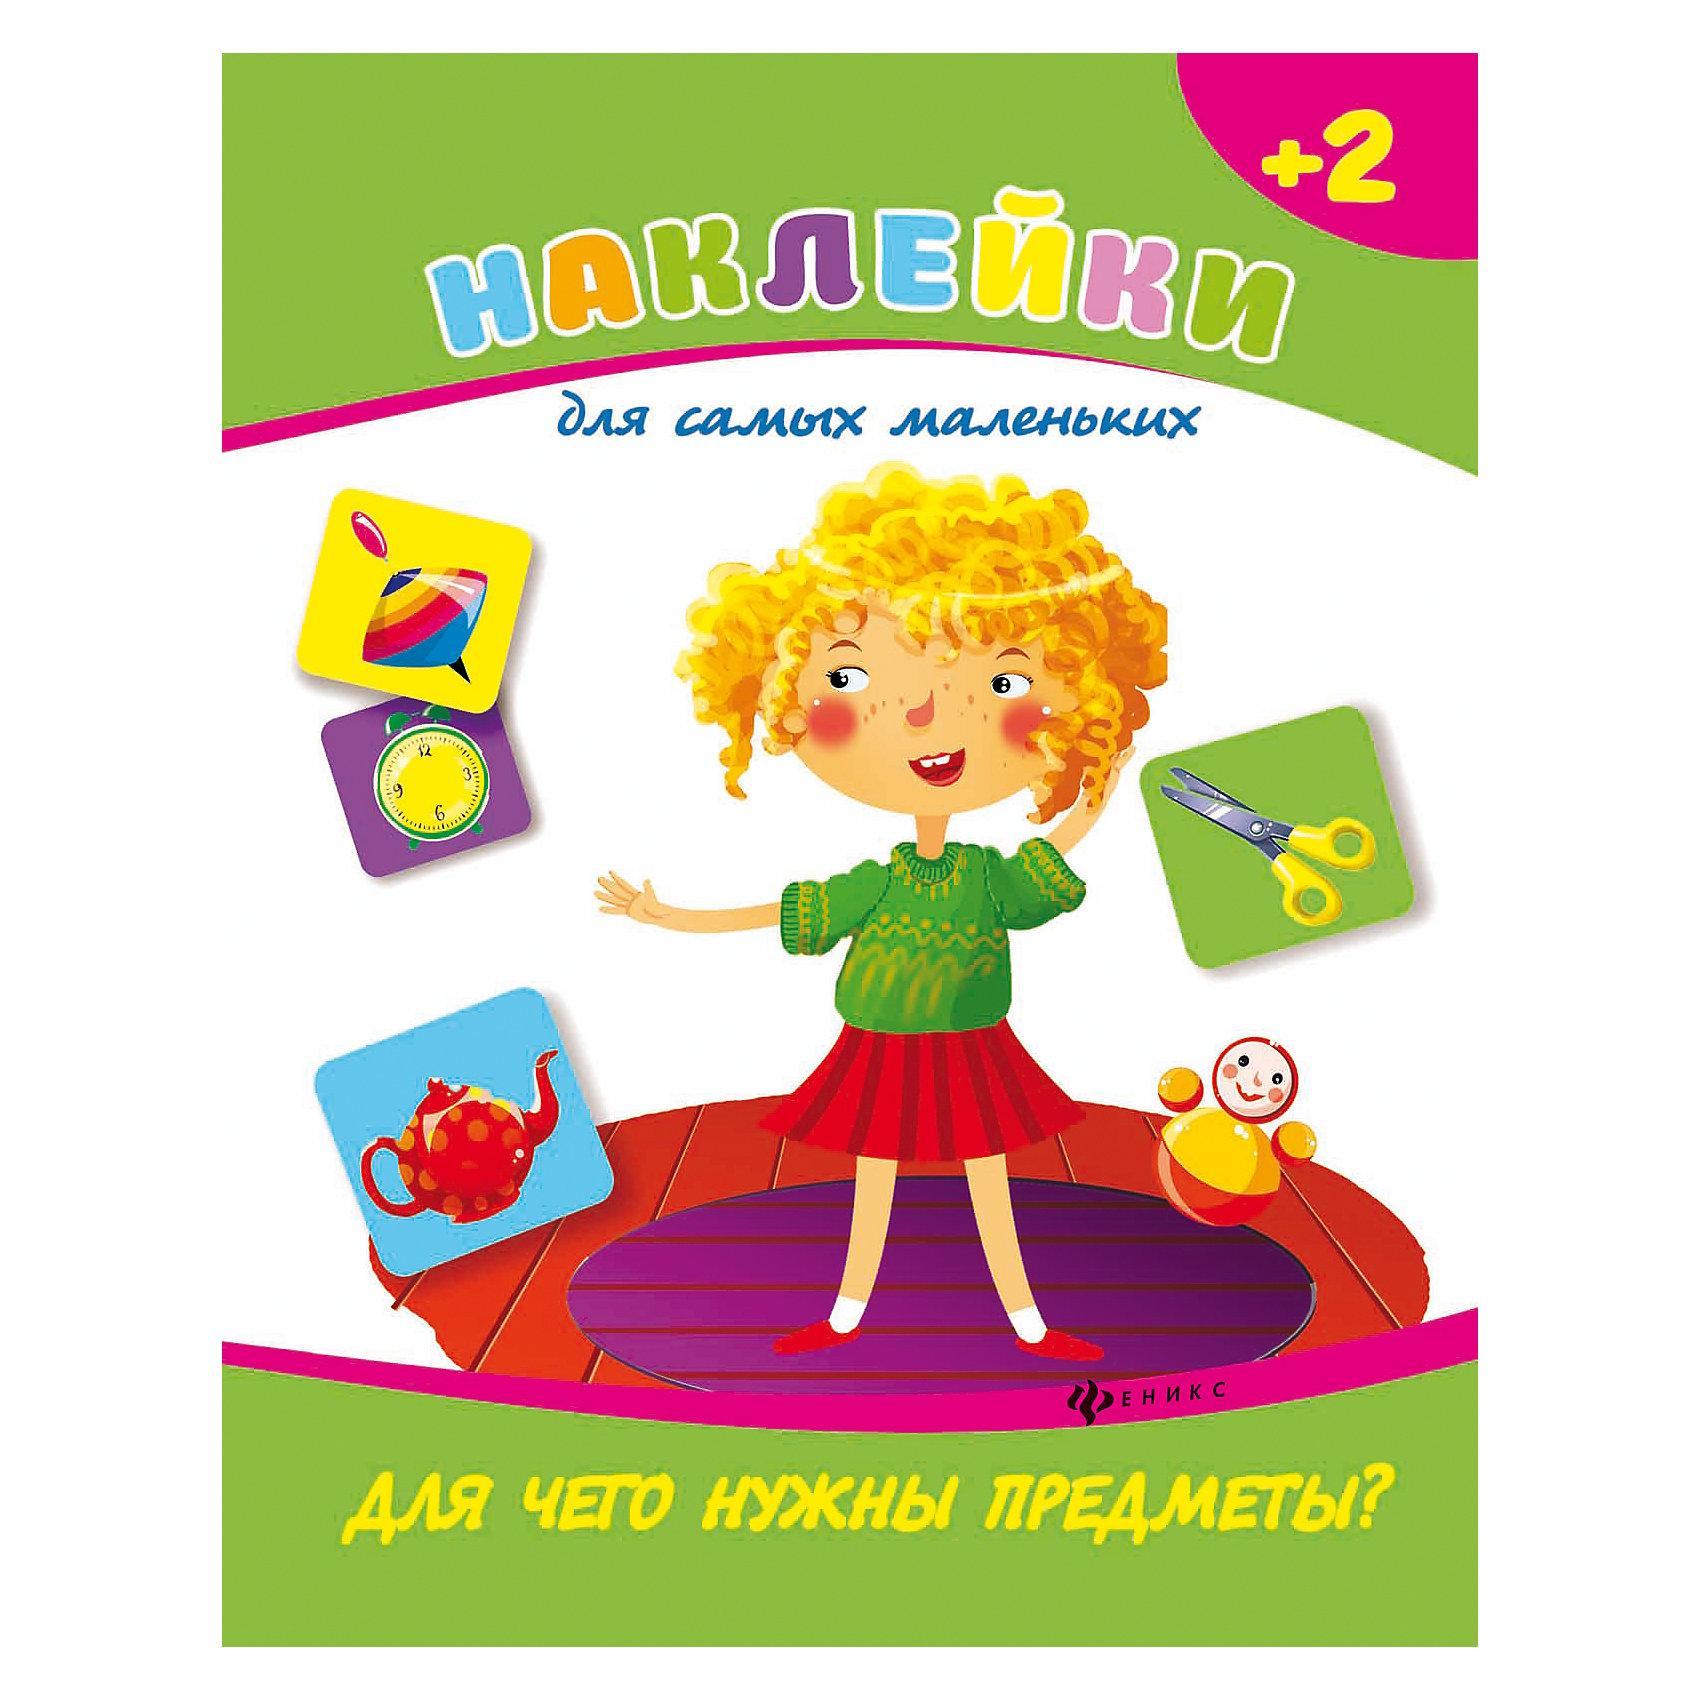 Для чего нужны предметы?Книжки с наклейками<br>Выполняя задания этой книги, ребенок не только увлекательно проведет свой досуг, но и сможет потренировать логическое мышление, произвольное внимание и память, станет более сообразительным, старательным и усидчивым. Объясните ребенку задание, помогите, е<br><br>Ширина мм: 260<br>Глубина мм: 200<br>Высота мм: 1<br>Вес г: 68<br>Возраст от месяцев: 12<br>Возраст до месяцев: 72<br>Пол: Унисекс<br>Возраст: Детский<br>SKU: 5120052